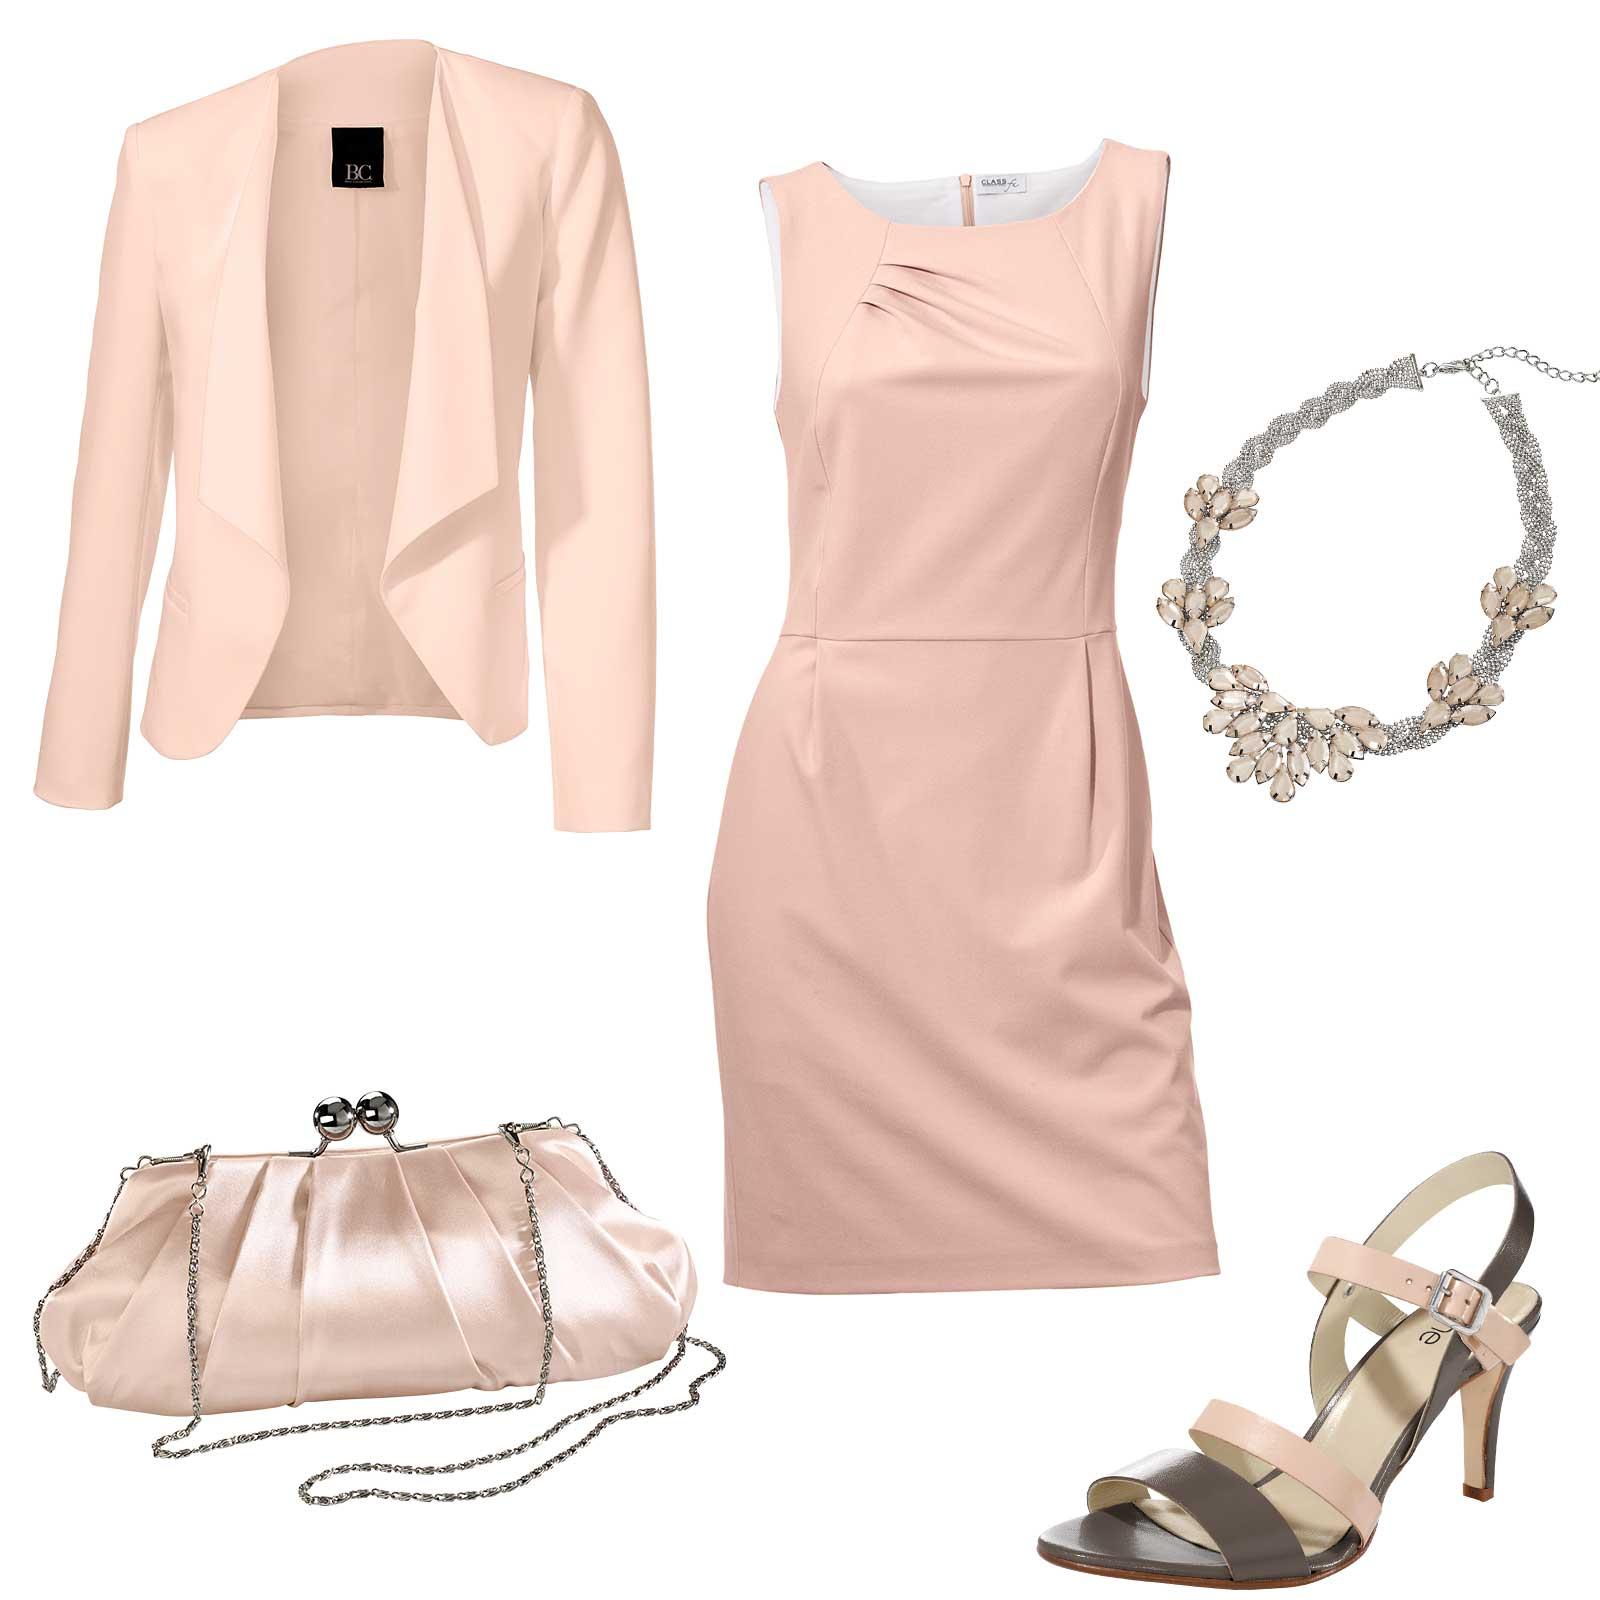 Dresscode Fur Hochzeitsgaste So Gelingt Das Perfekte Outfit Styles Stories Der Lifestyle Living Blog Von Heine